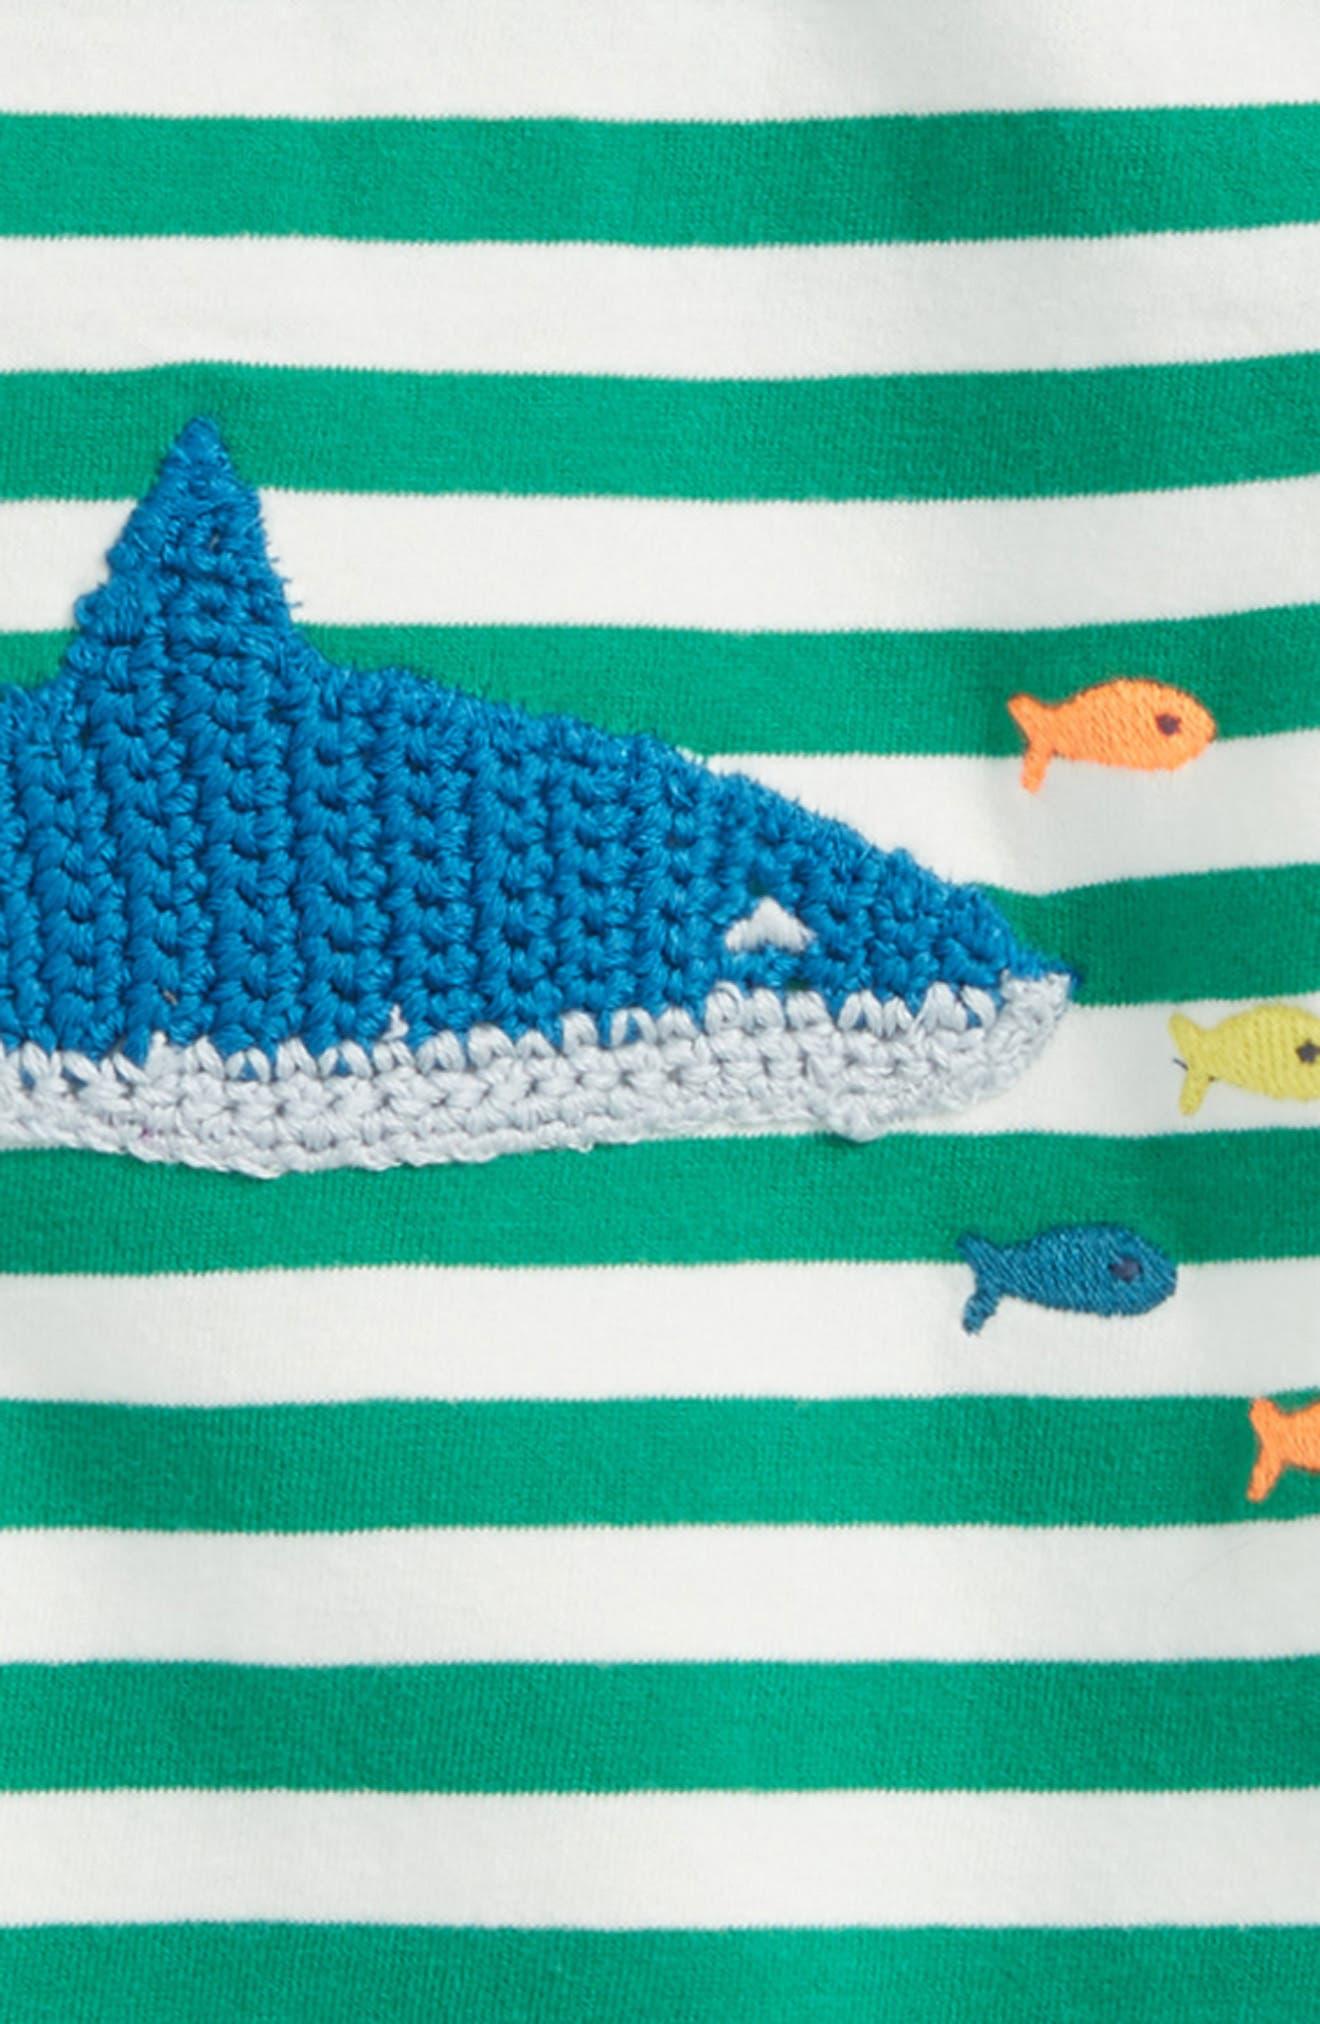 Stripy Crochet Appliqué T-Shirt,                             Alternate thumbnail 2, color,                             315